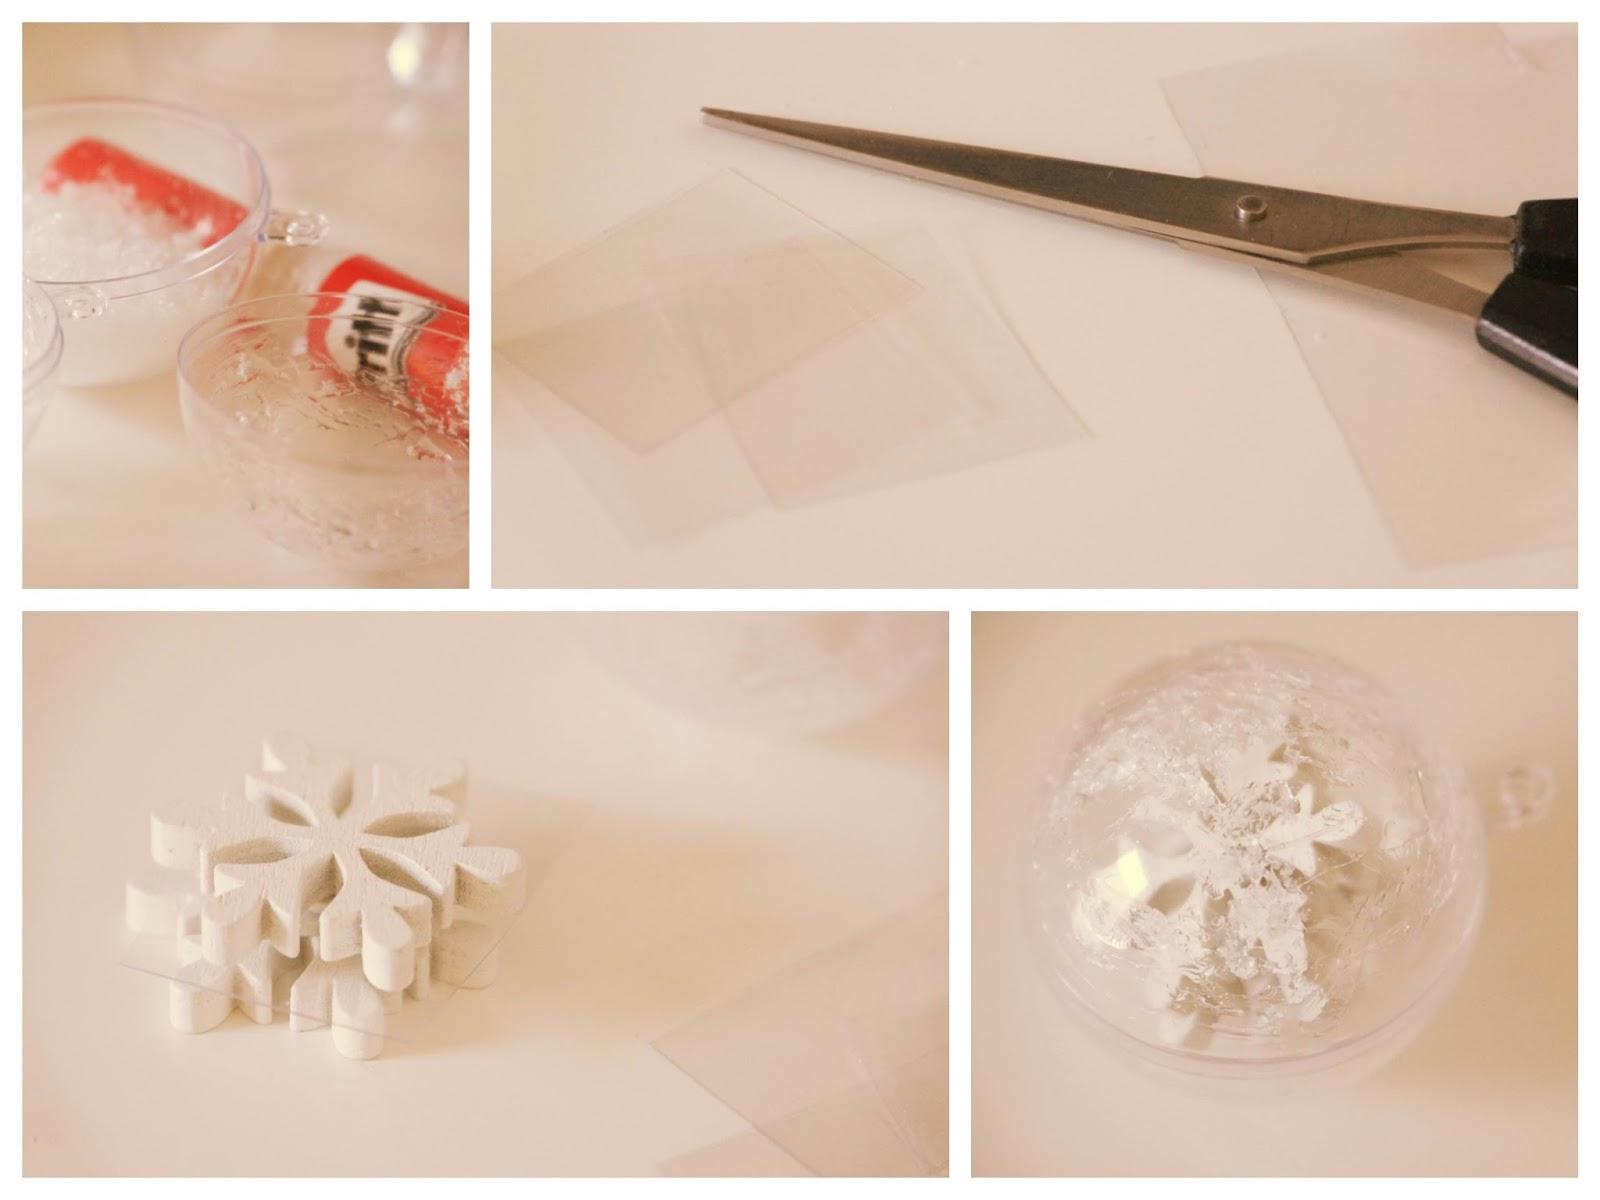 verliebtindeko f r den tannenbaum die weihnachtsgeschenke weihnachtskugeln selbst bef llen. Black Bedroom Furniture Sets. Home Design Ideas